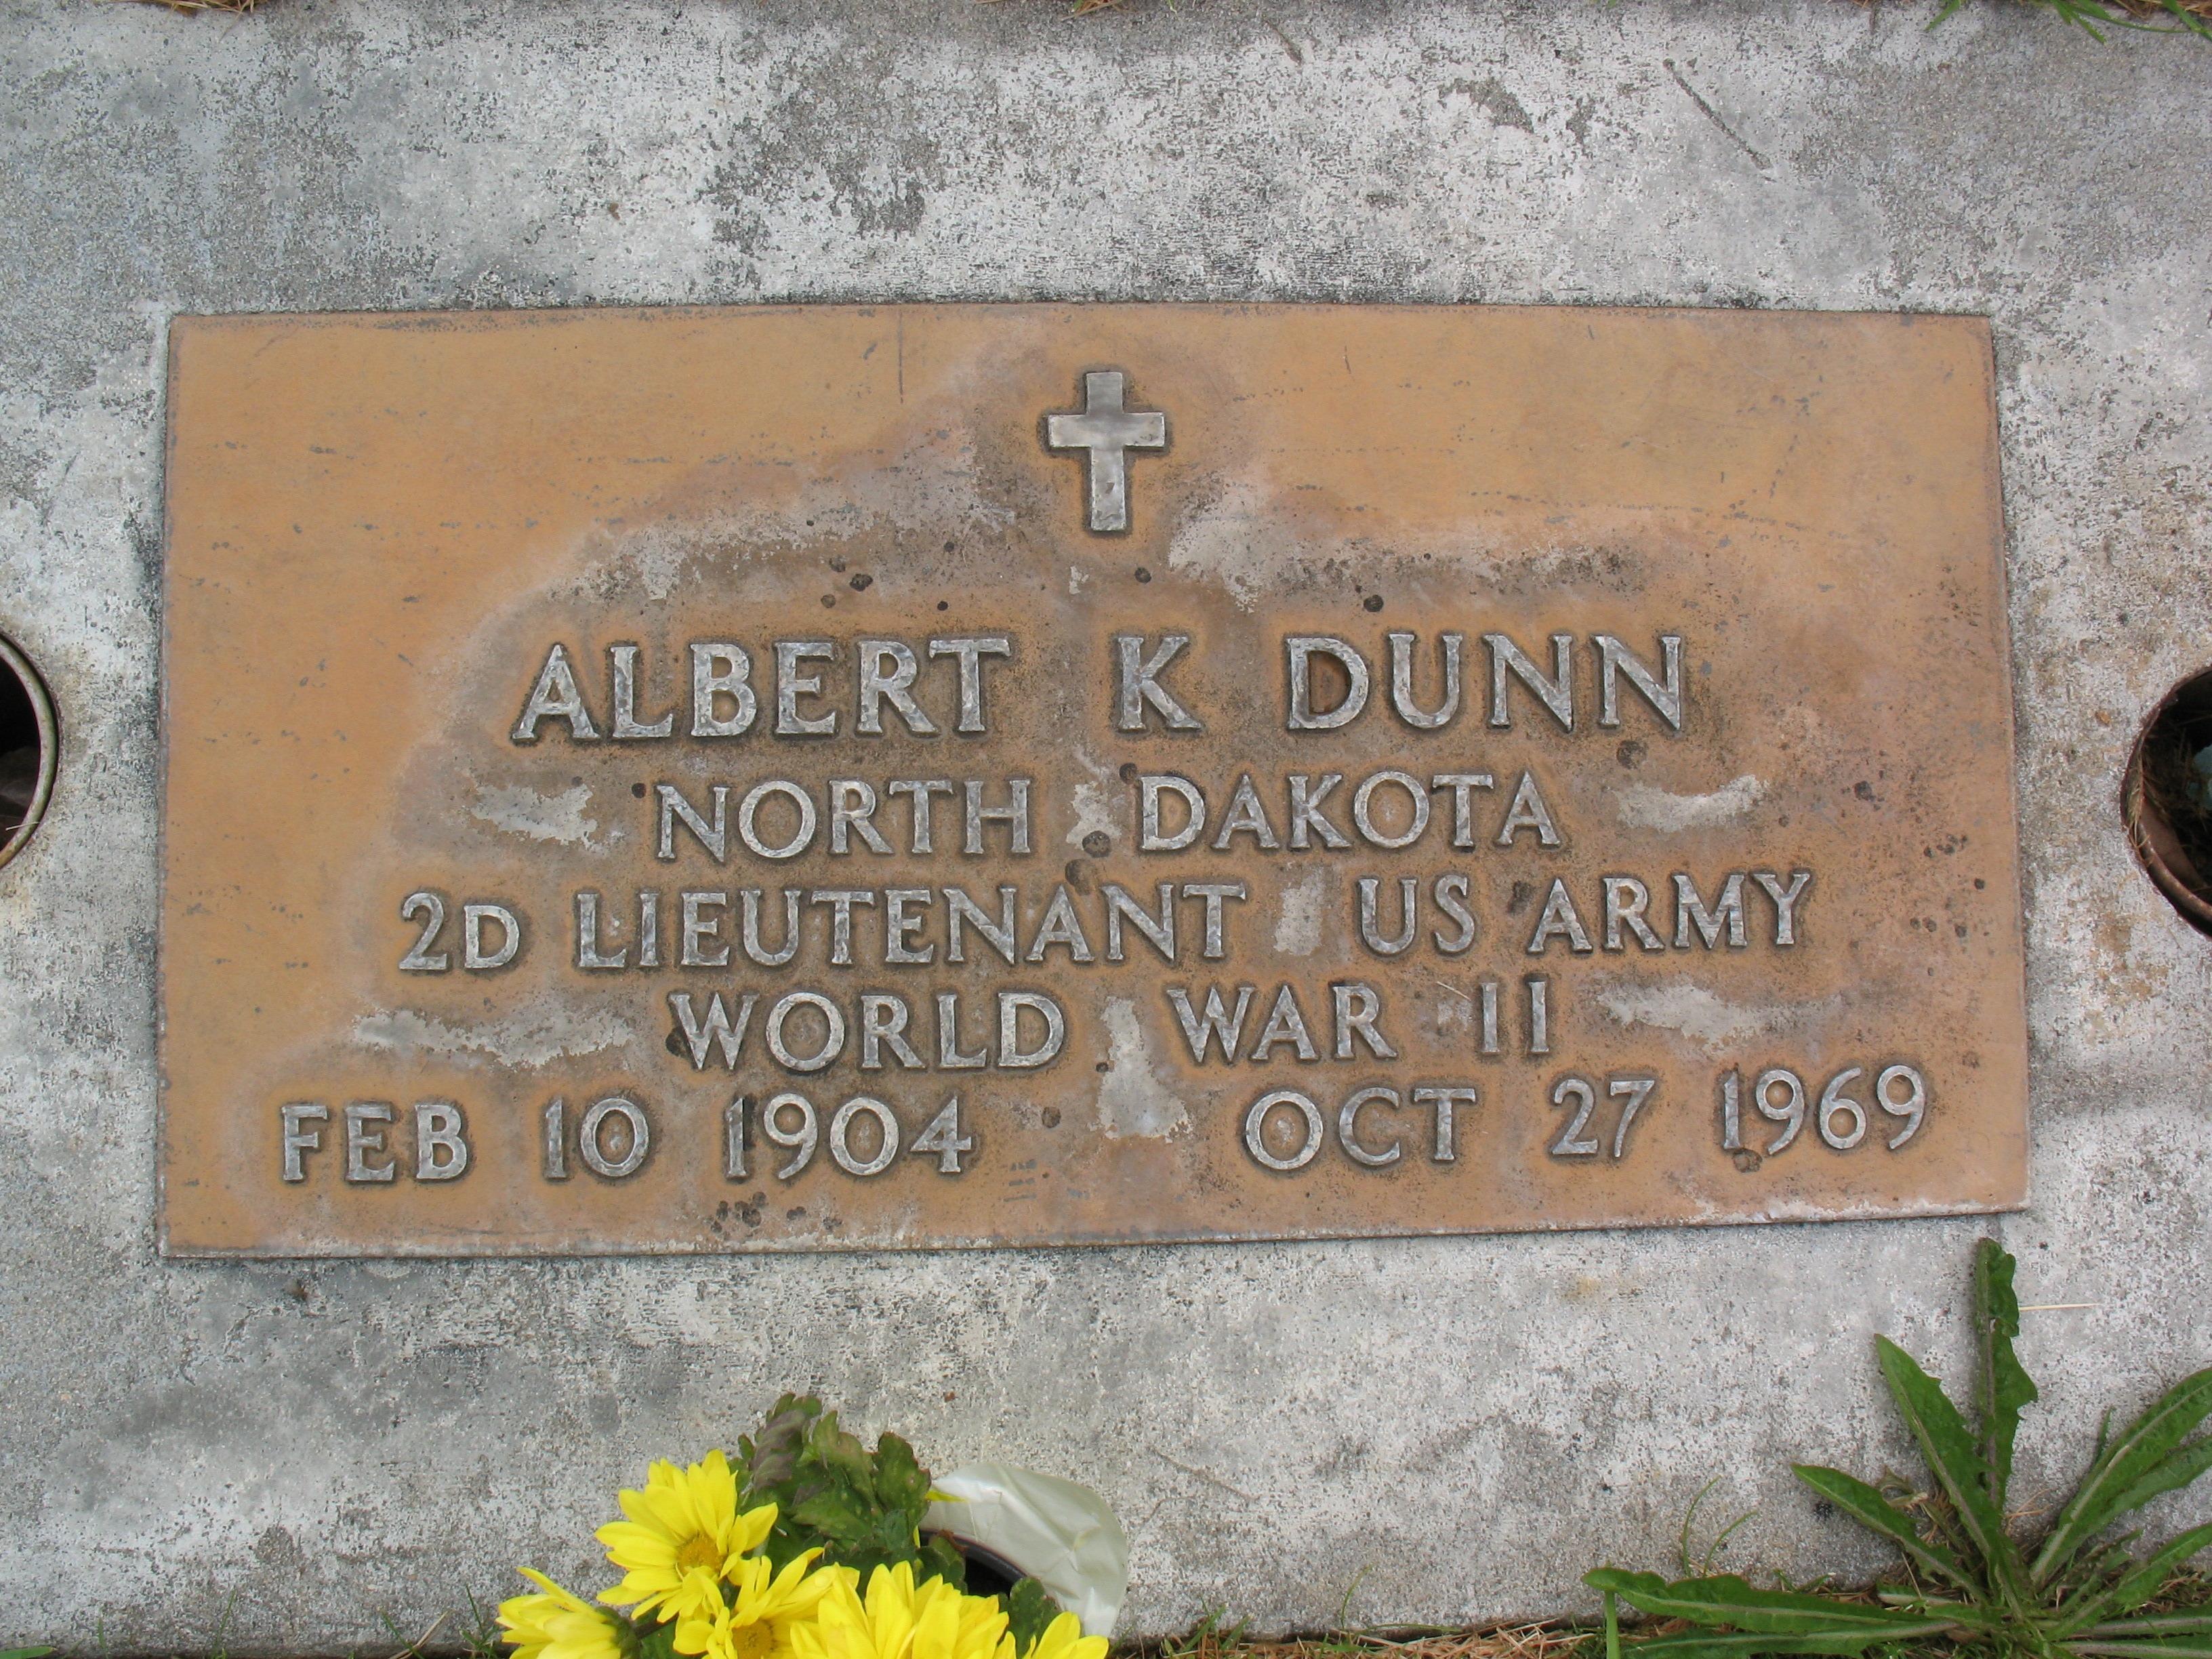 Albert K Dunn